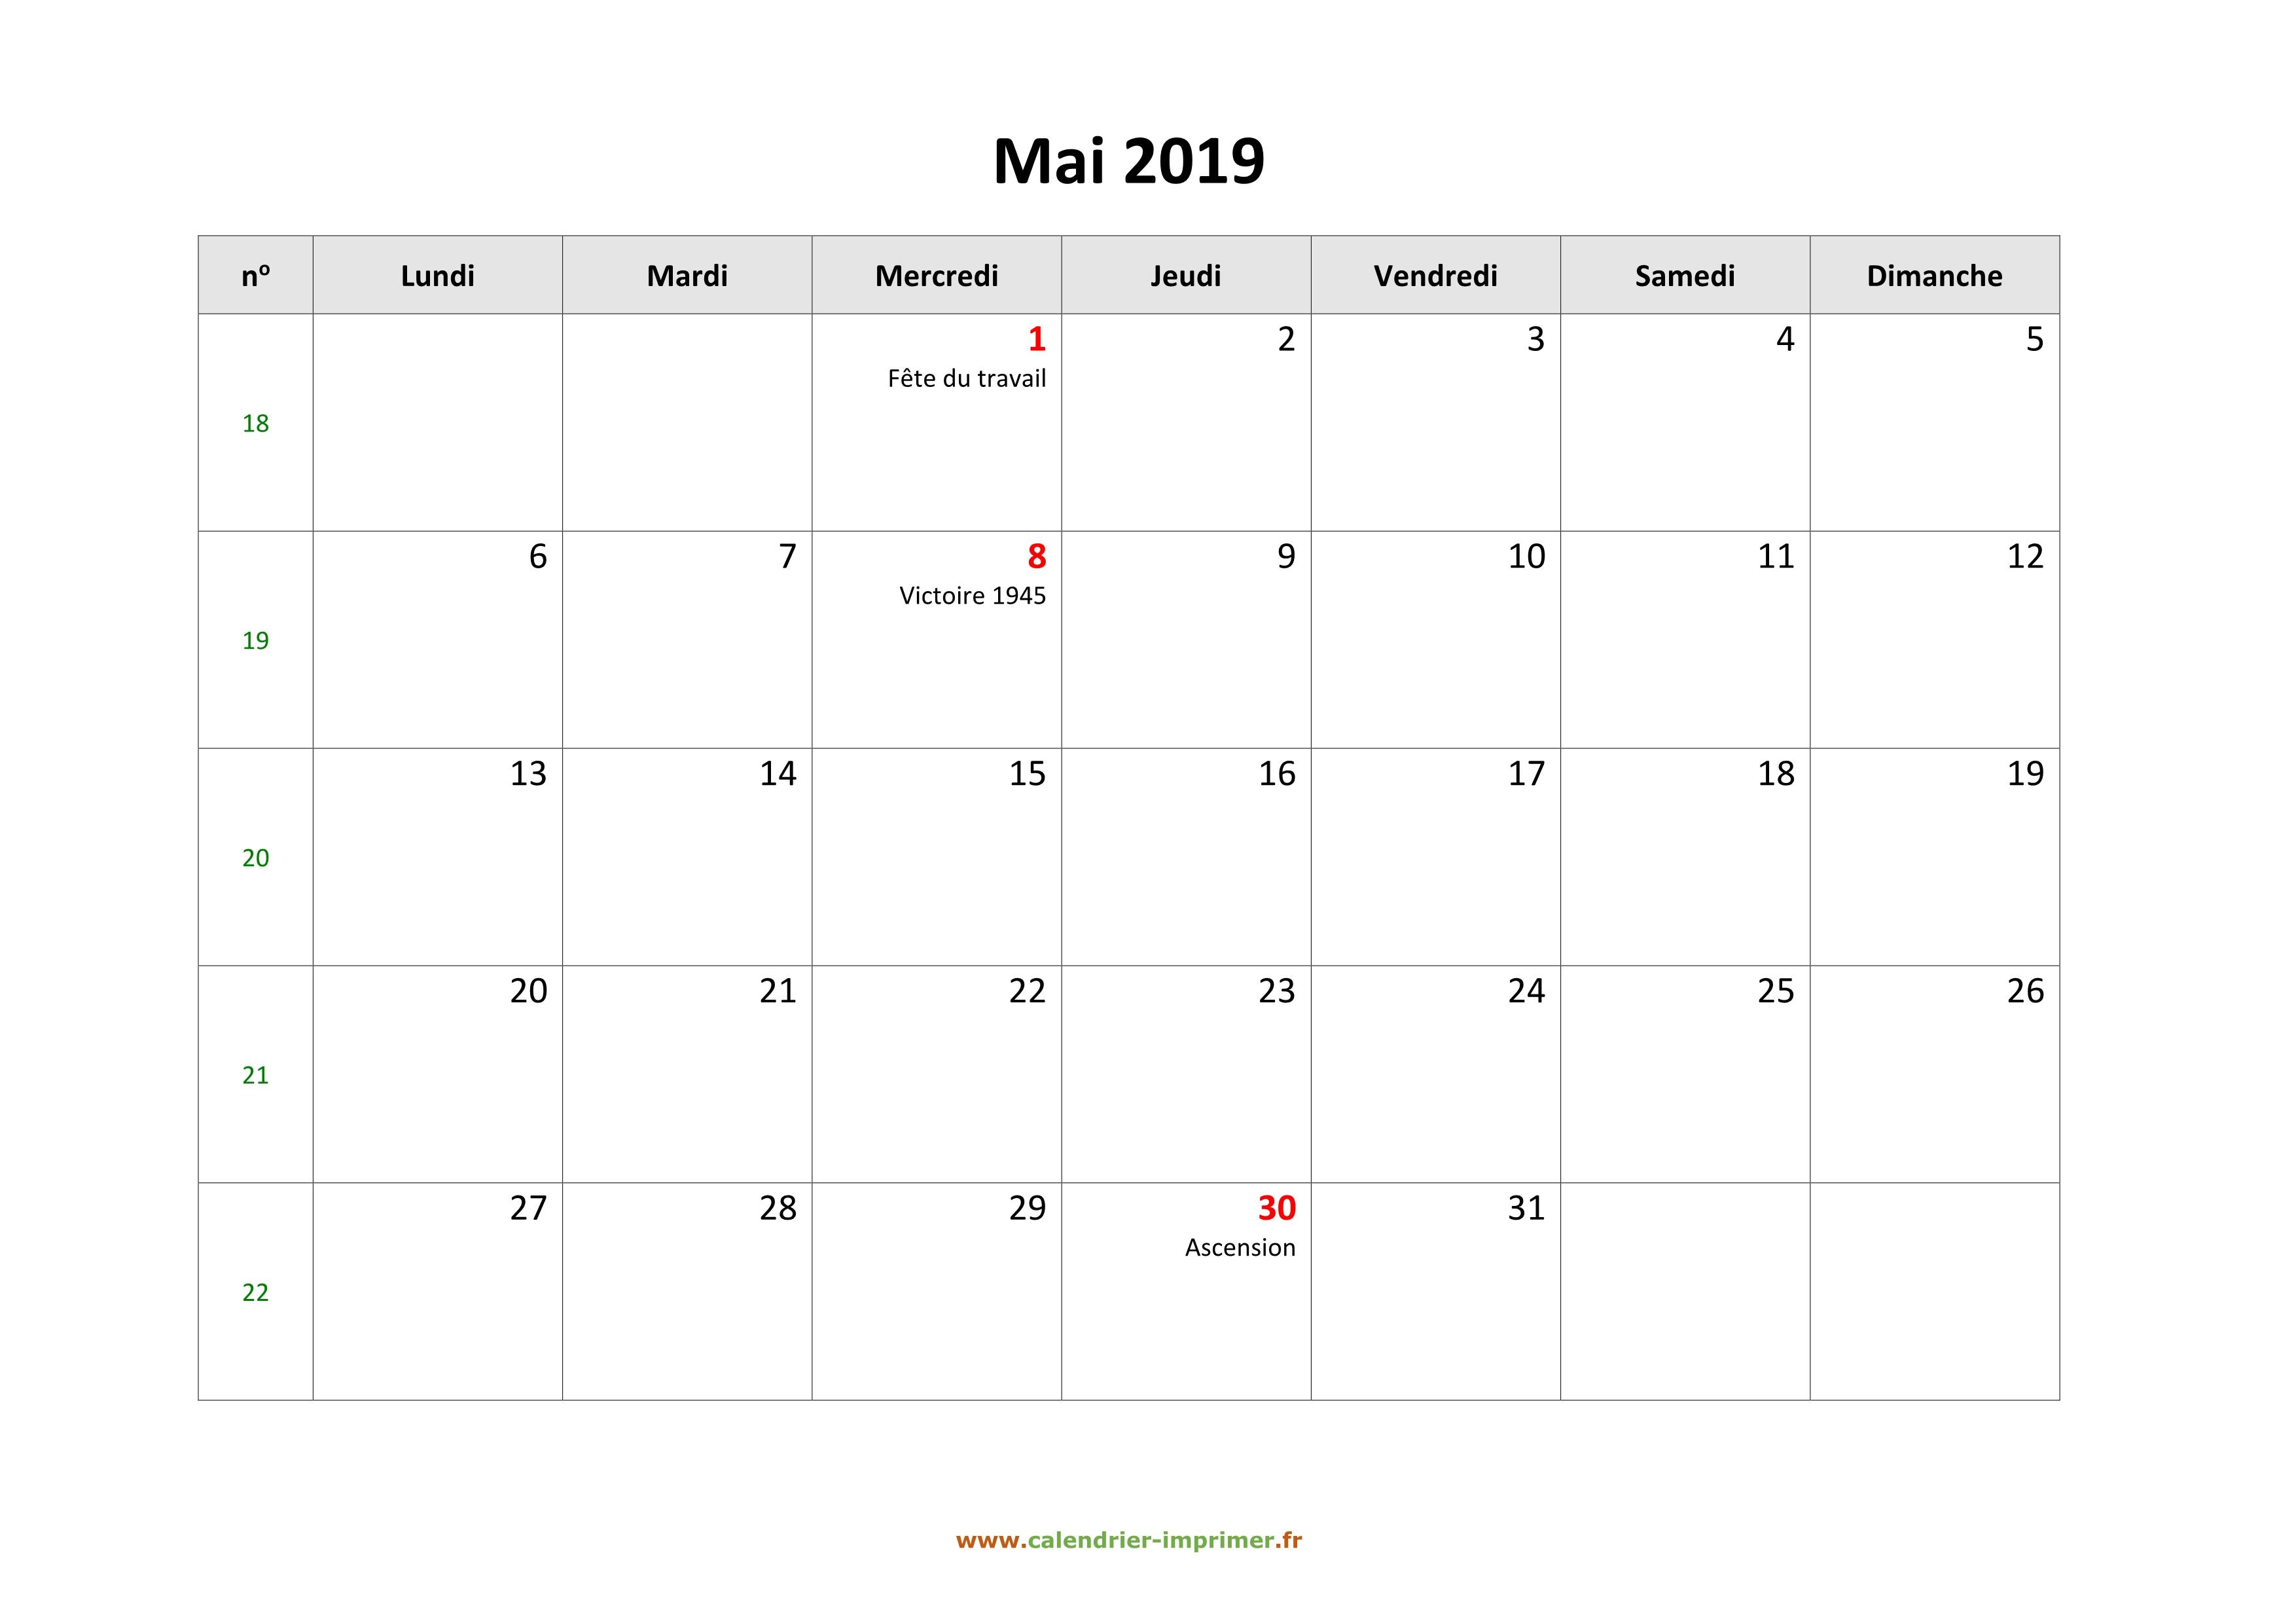 Calendrier Mai2019.Calendrier Mai 2019 A Imprimer